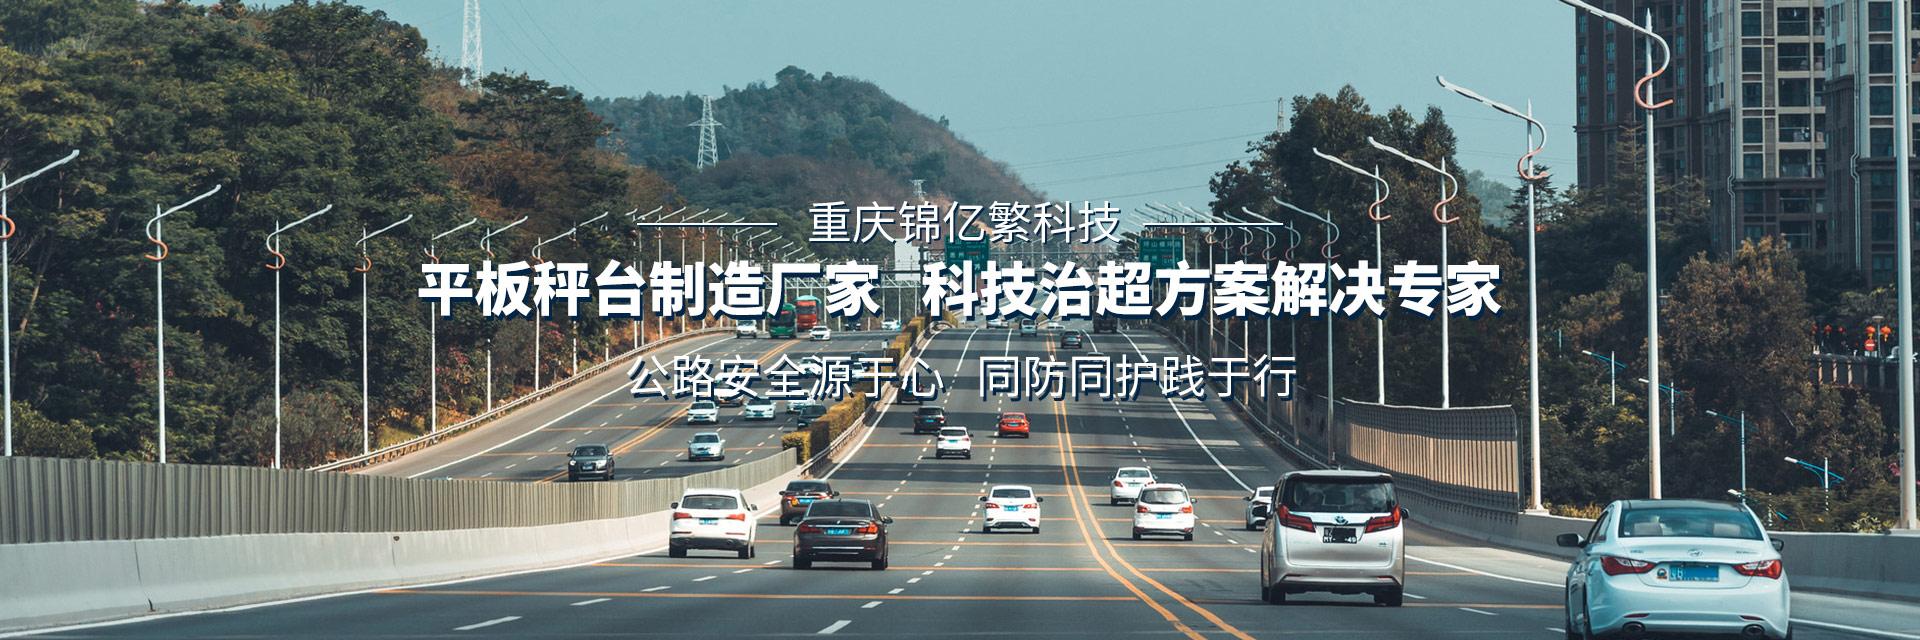 公路治超非现场执法